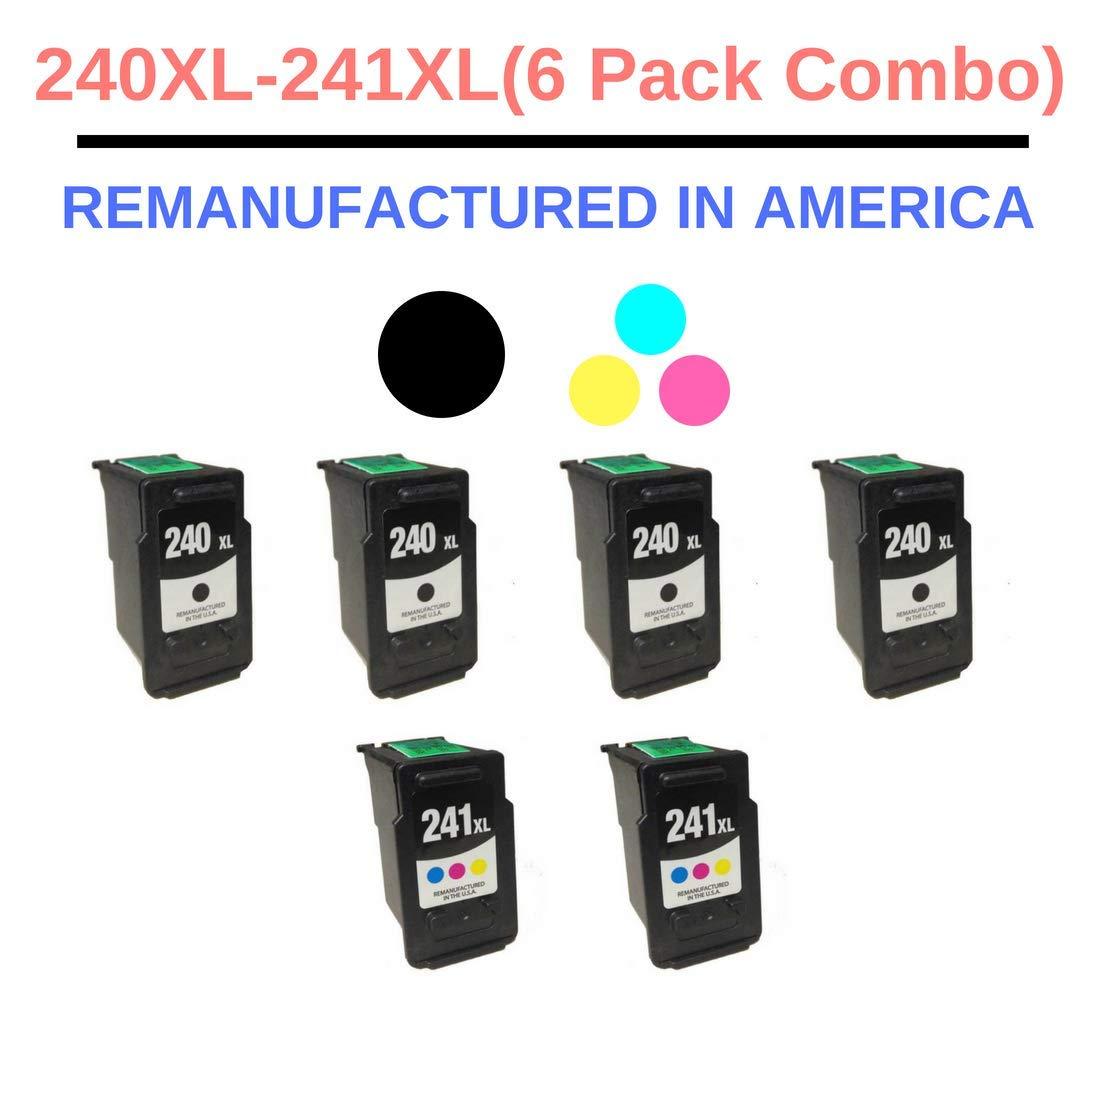 直営店に限定 キヤノン PG240XL CL241XL(PG-240XL CL-241XL) 用最良のインク再製造 ブラックとカラーインクカートリッジ 6パック (4ブラック (4ブラック MG3222 PG240XL + 2色) コンボ キヤノン Pixma MG3220 MG3222 MG3520 MX432 MX439 MX452 MX459 B07HVMJWTC, おがにっくしぜんかん:3d25580d --- diceanalytics.pk